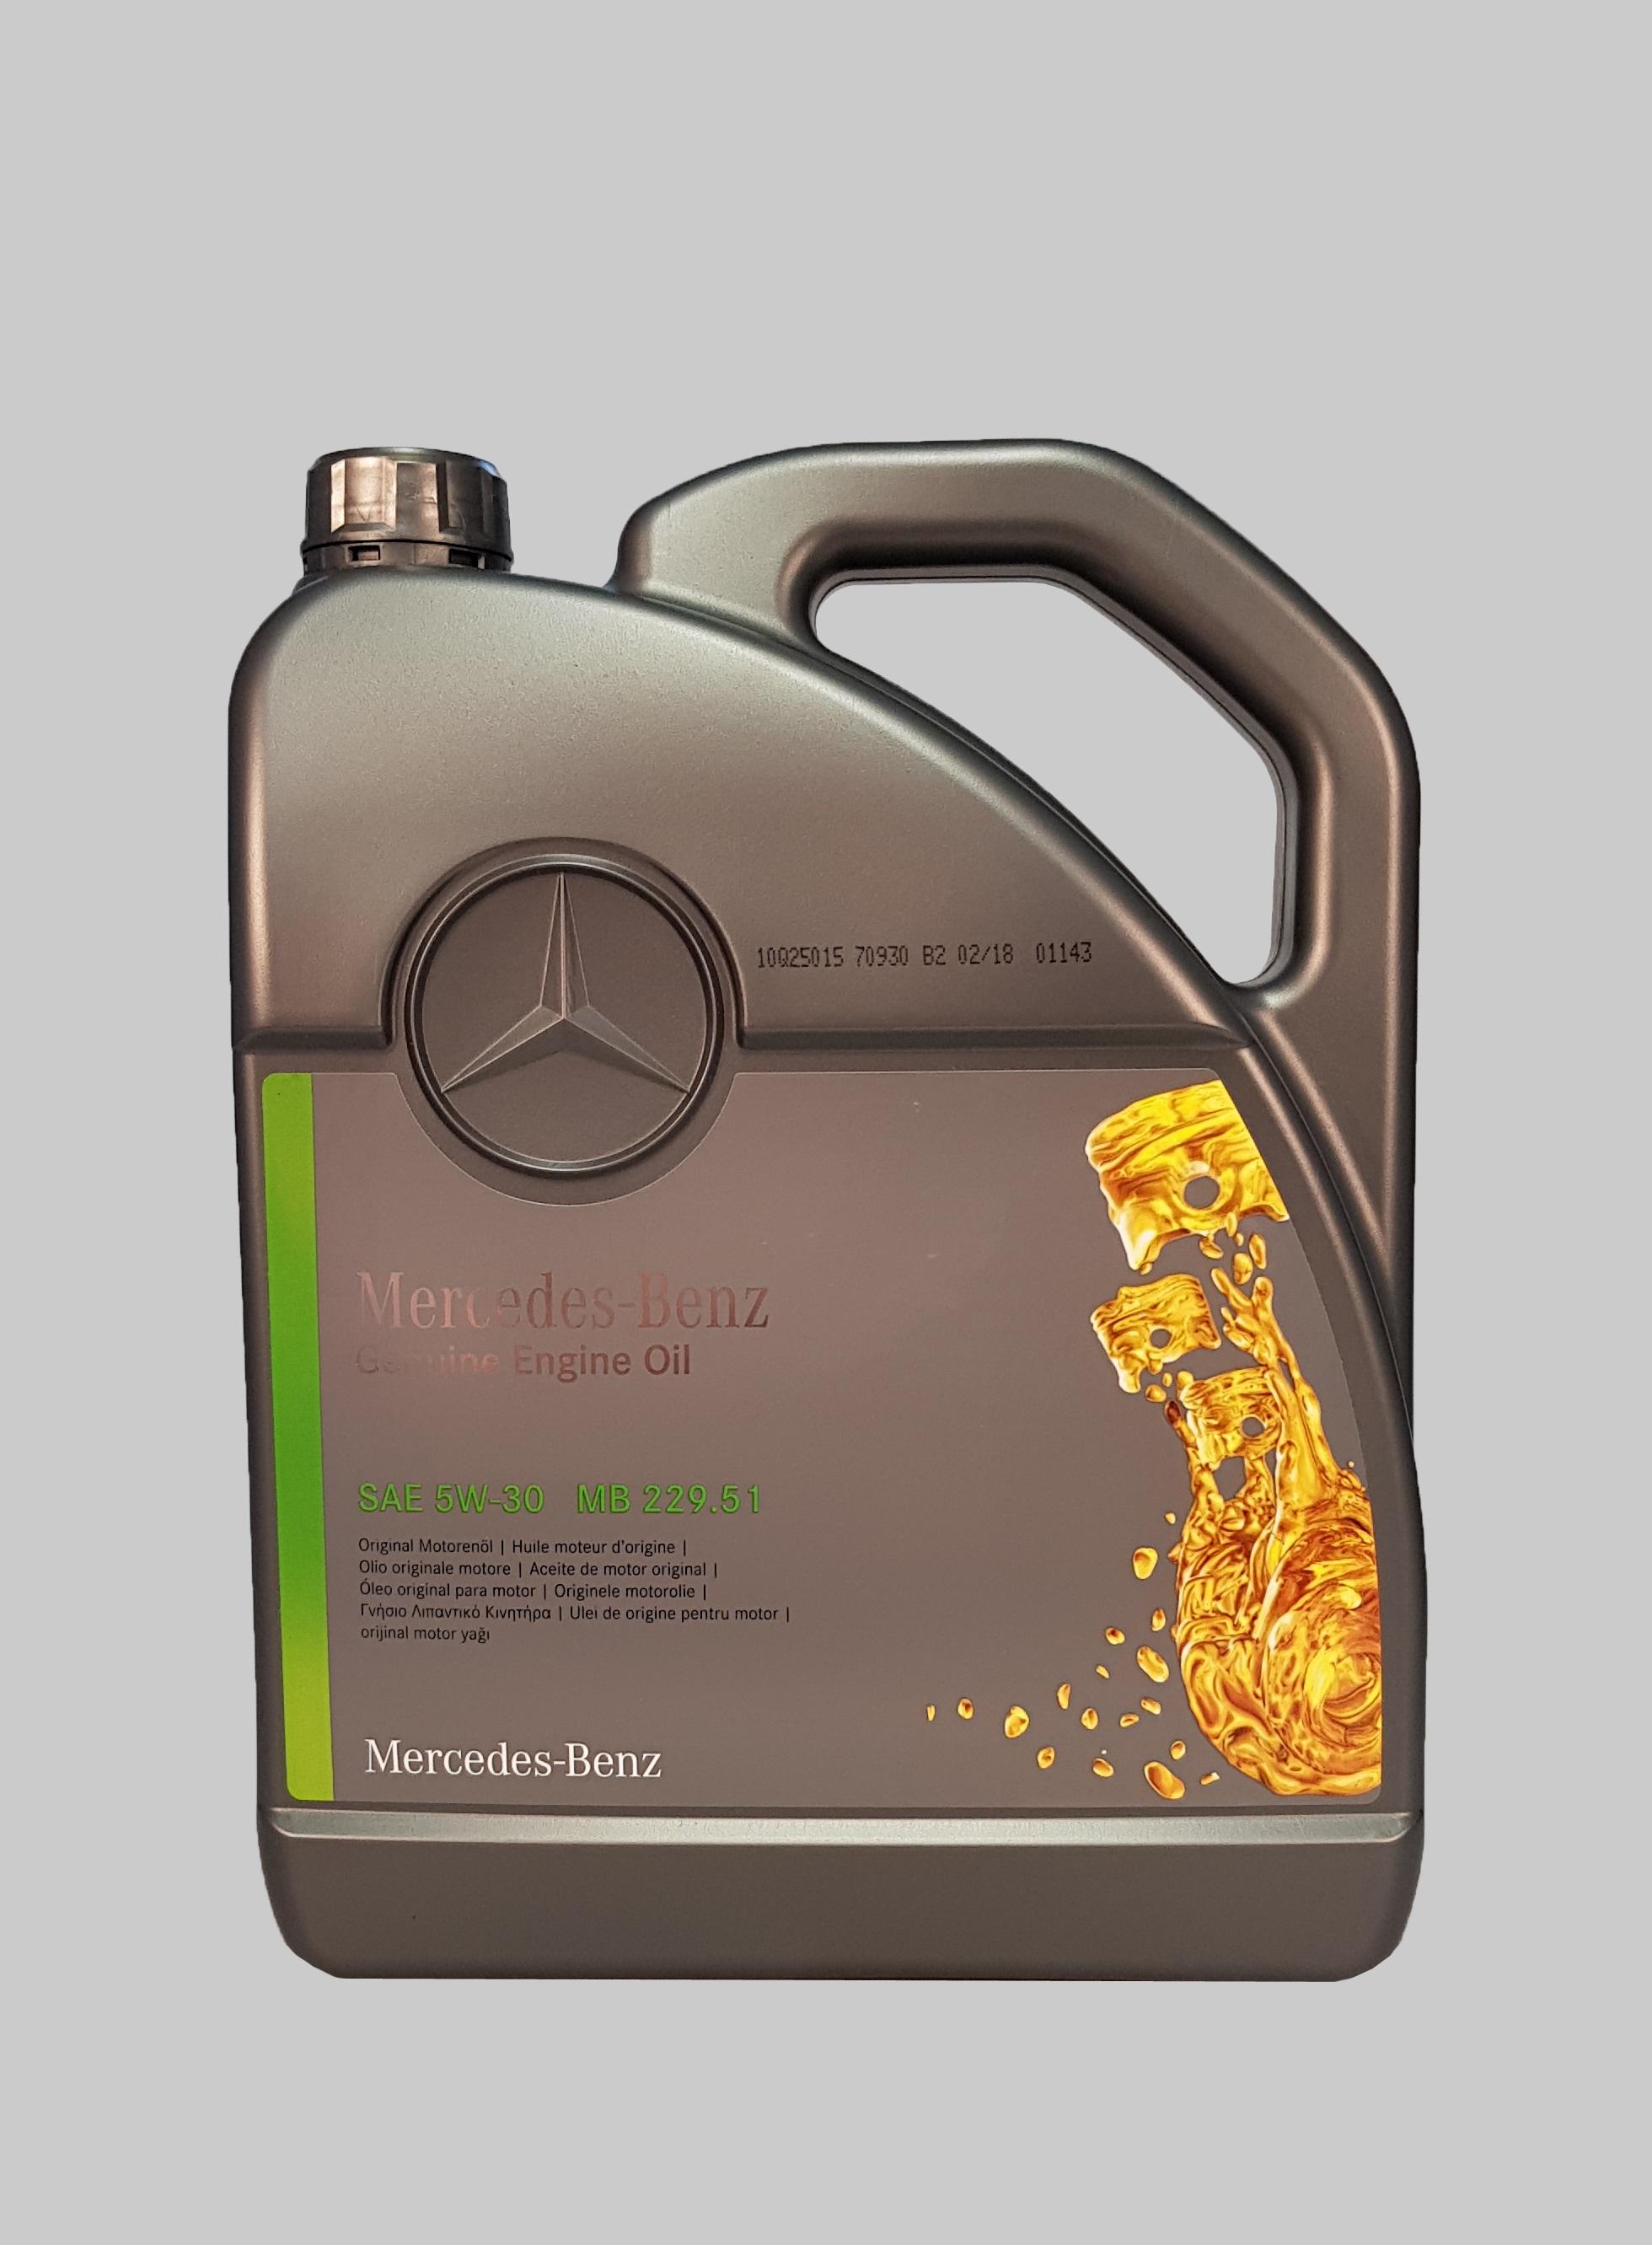 Mercedes 5W-30 229.51 5 Liter